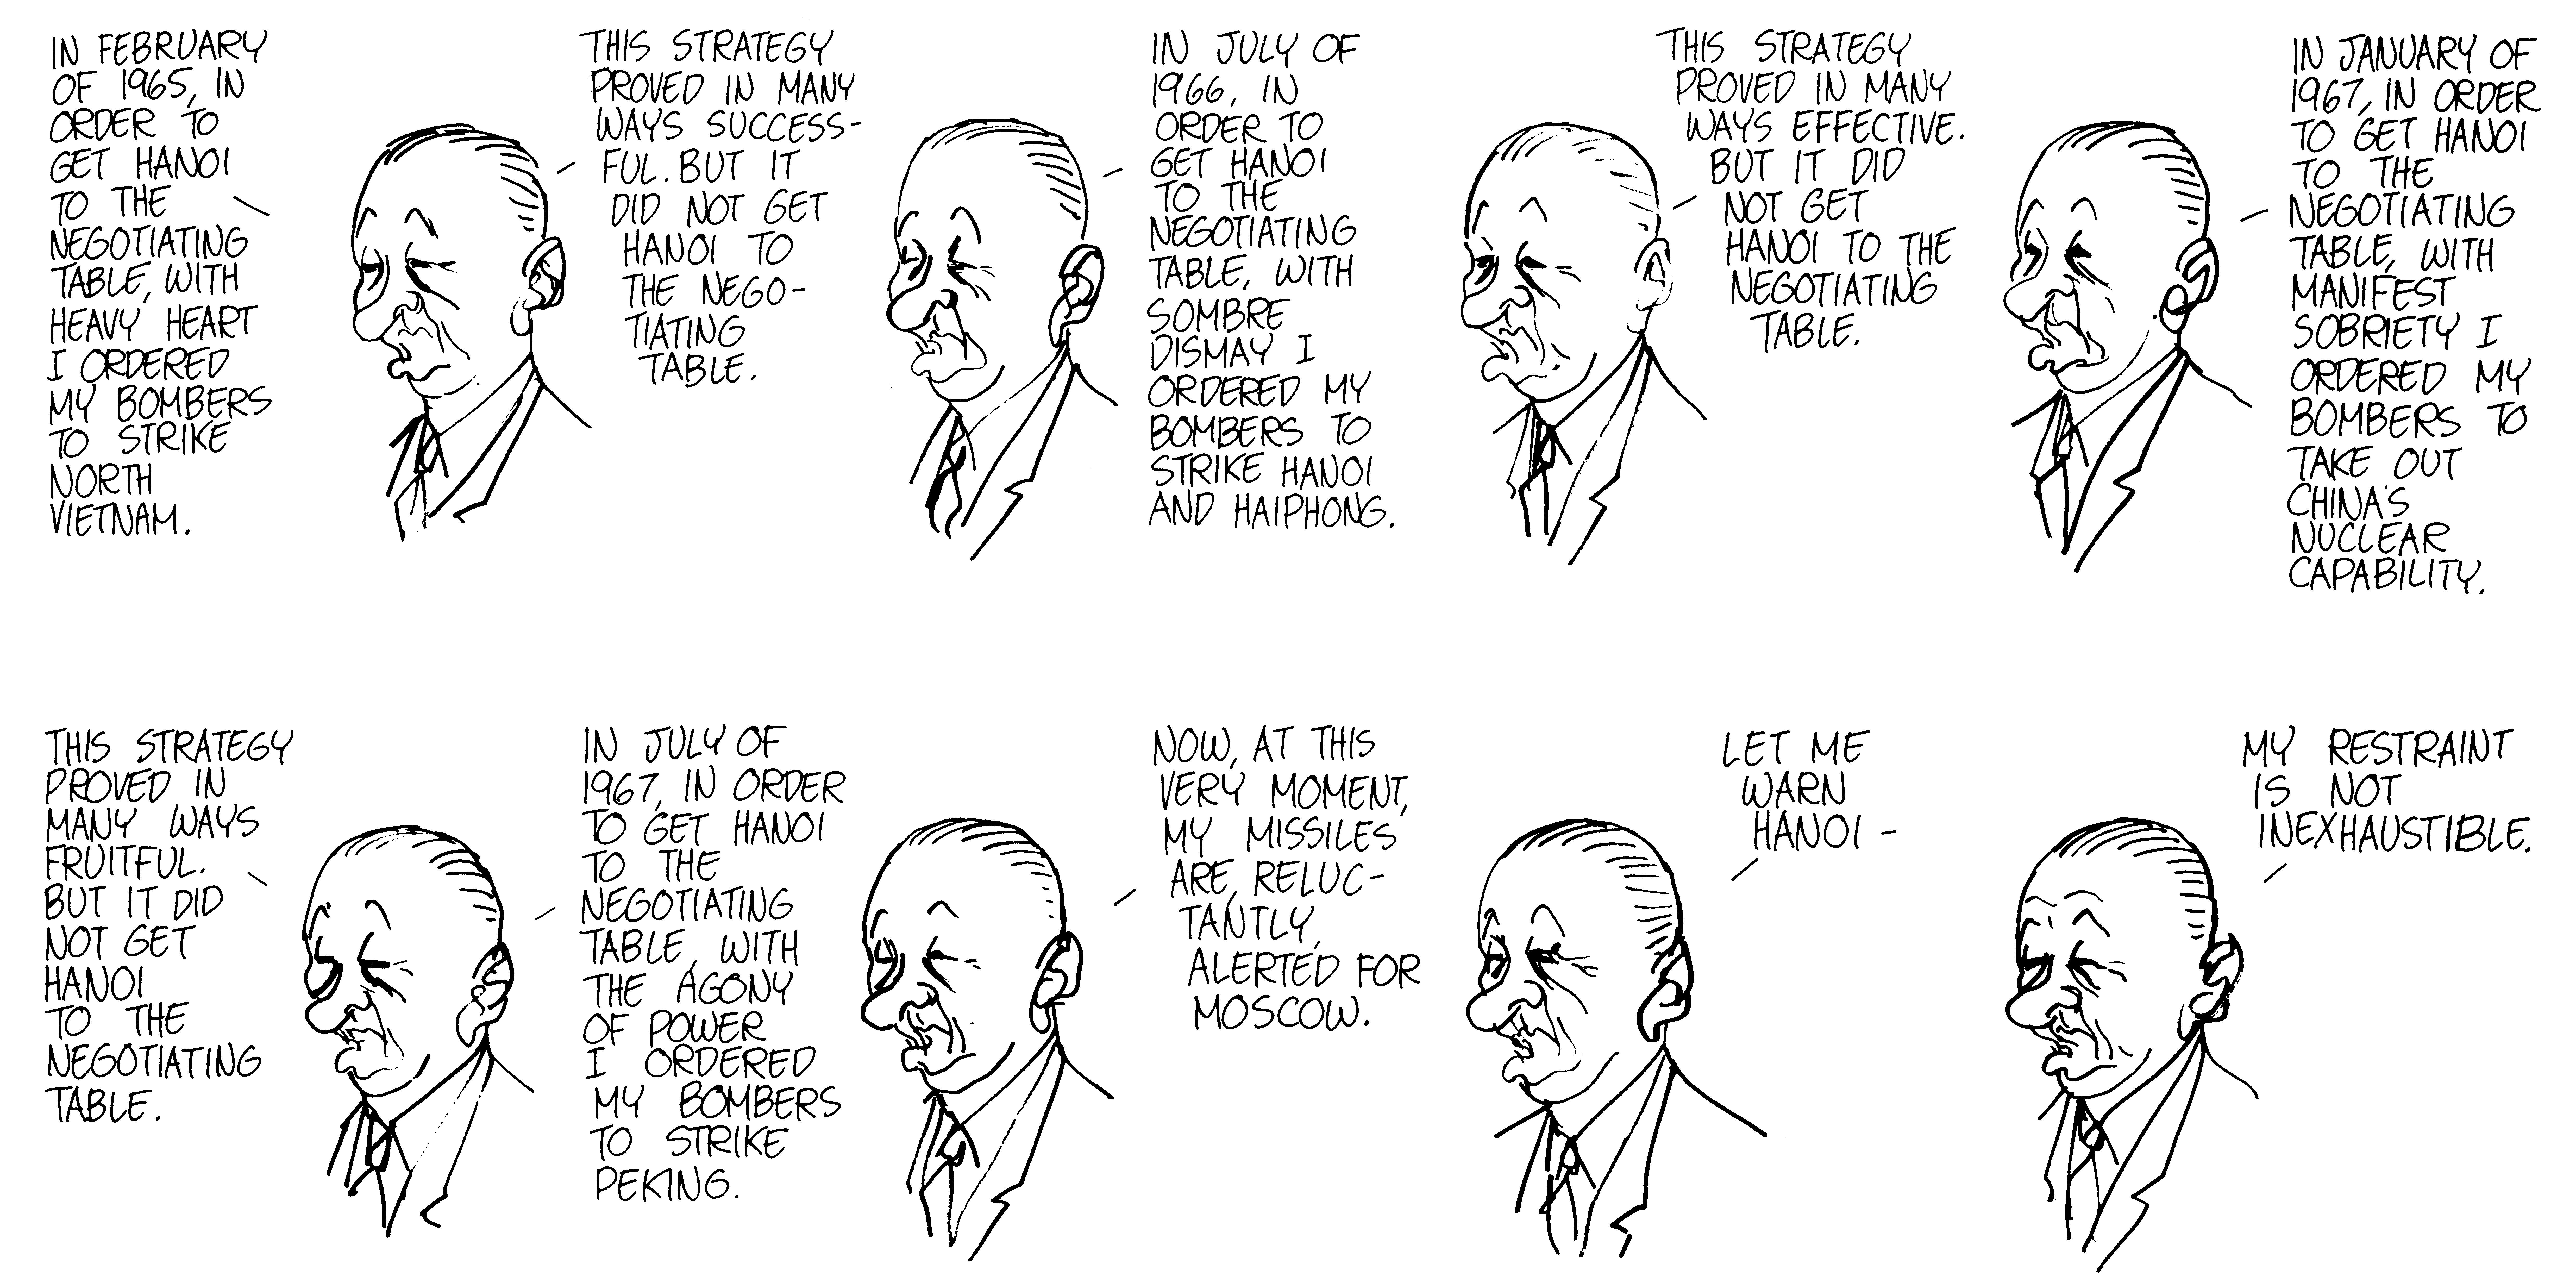 Jules feiffer comic strips